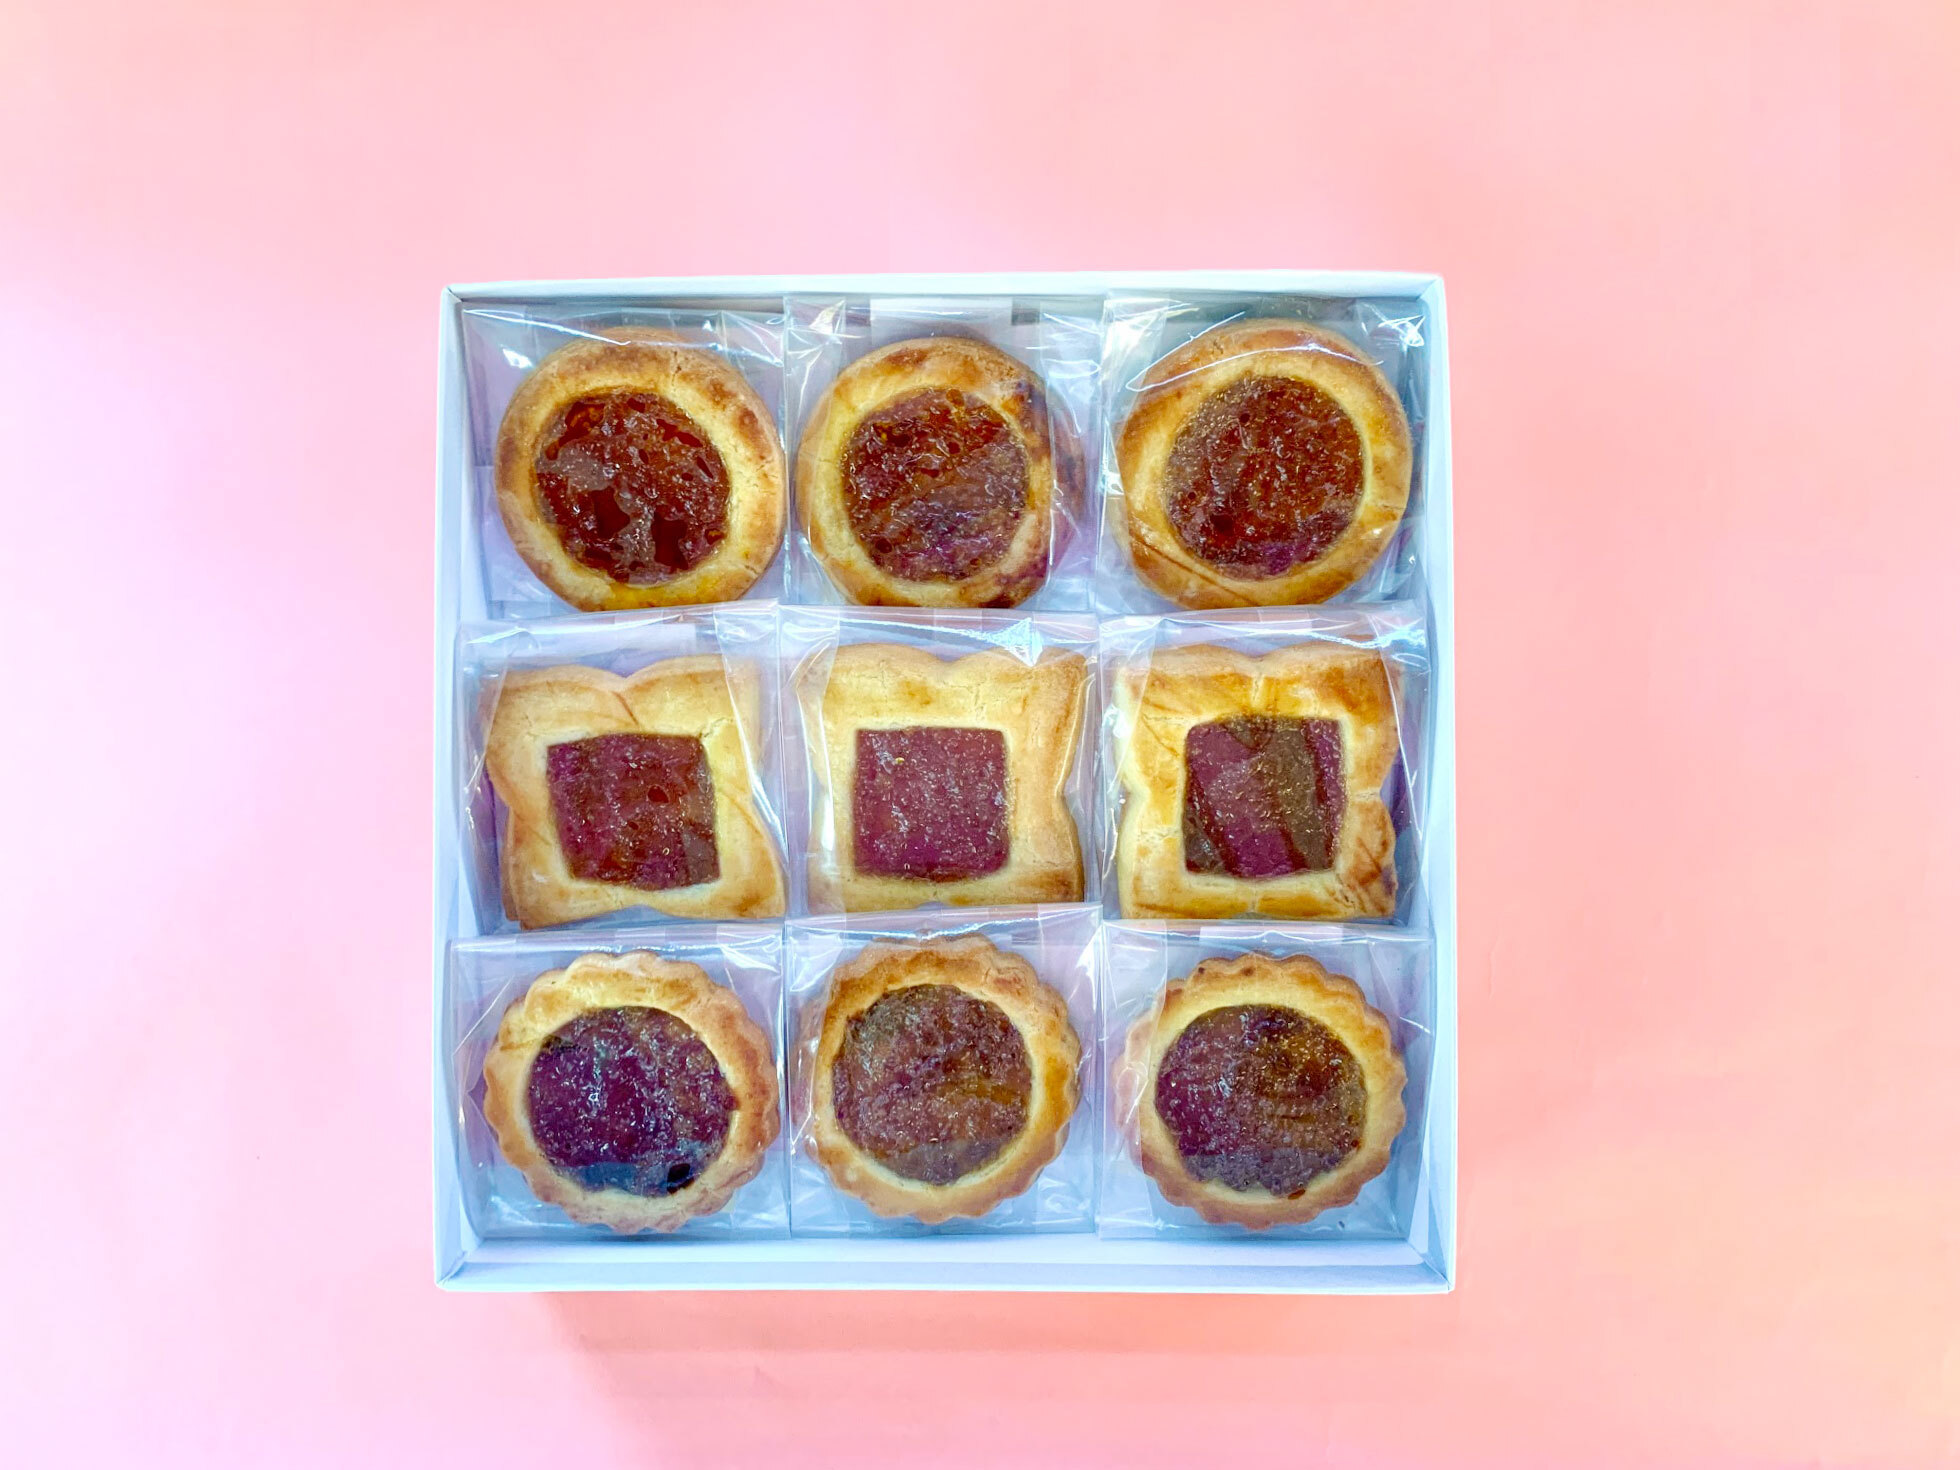 【8/6発送分予約】空家スイーツ(ロシアケーキ)9個入り3箱(ゆず/かき/うめ)